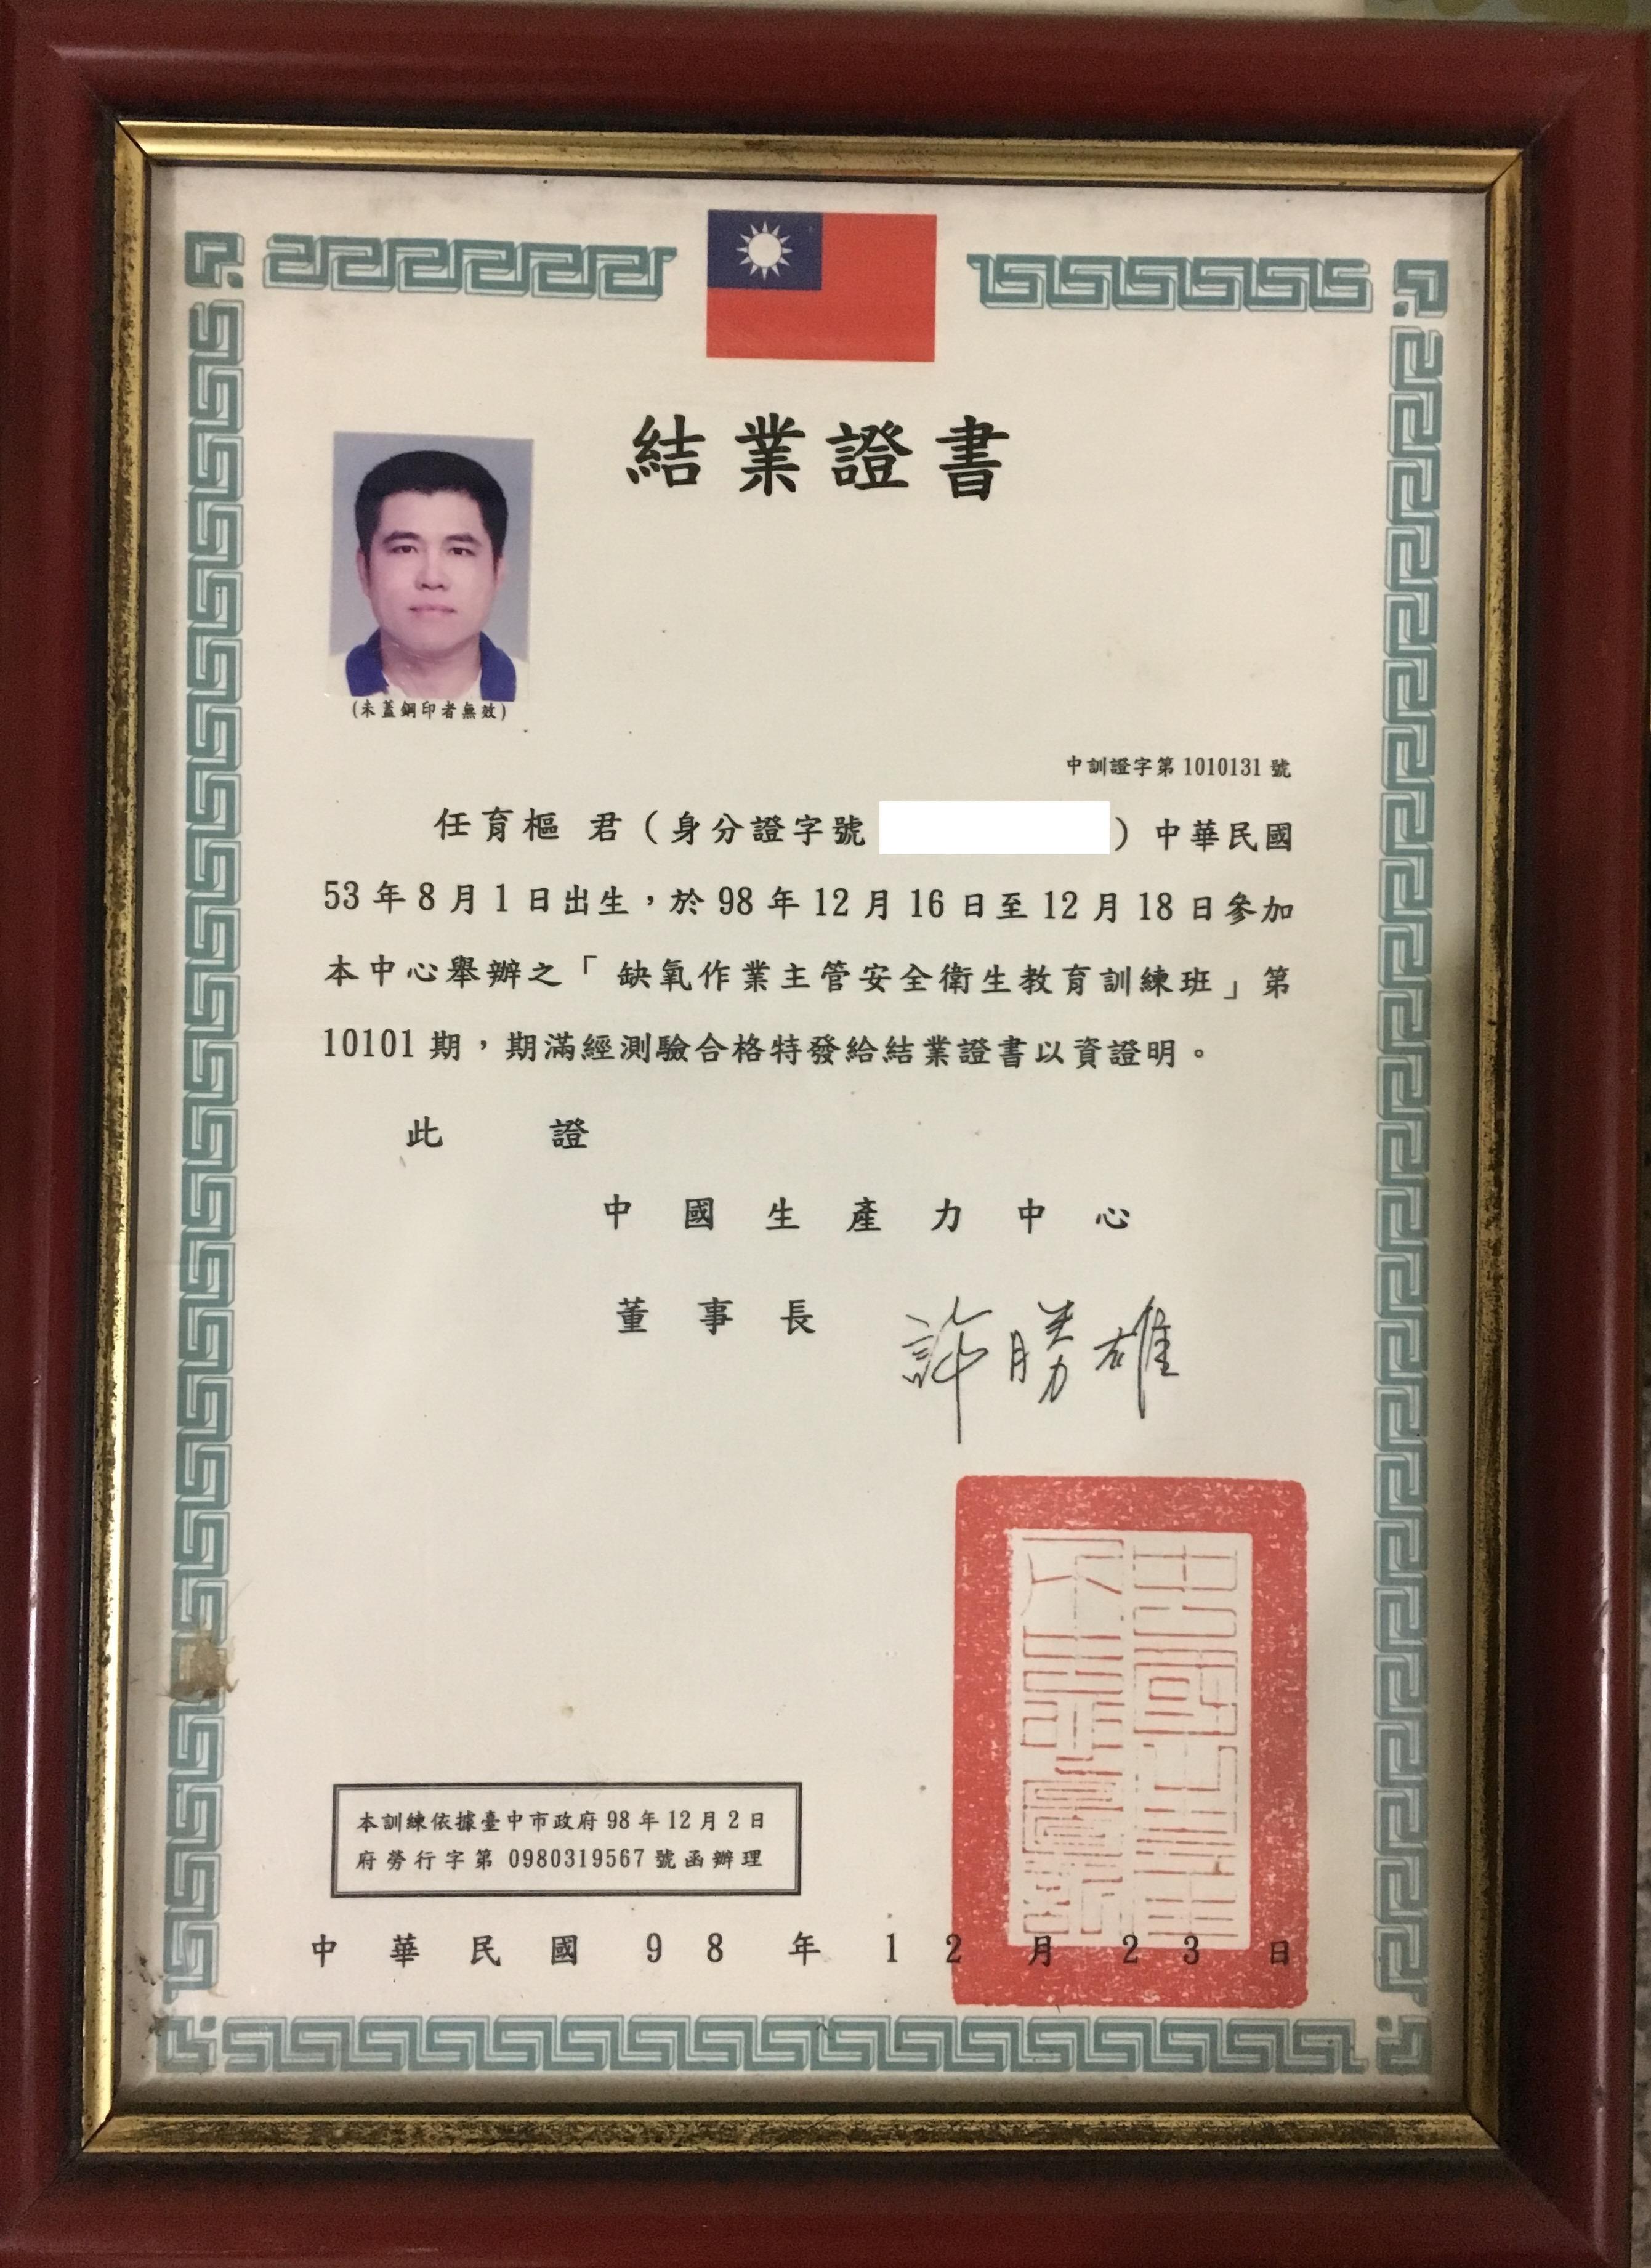 缺氧作業主管安全衛生教育訓練班結業證書.JPG